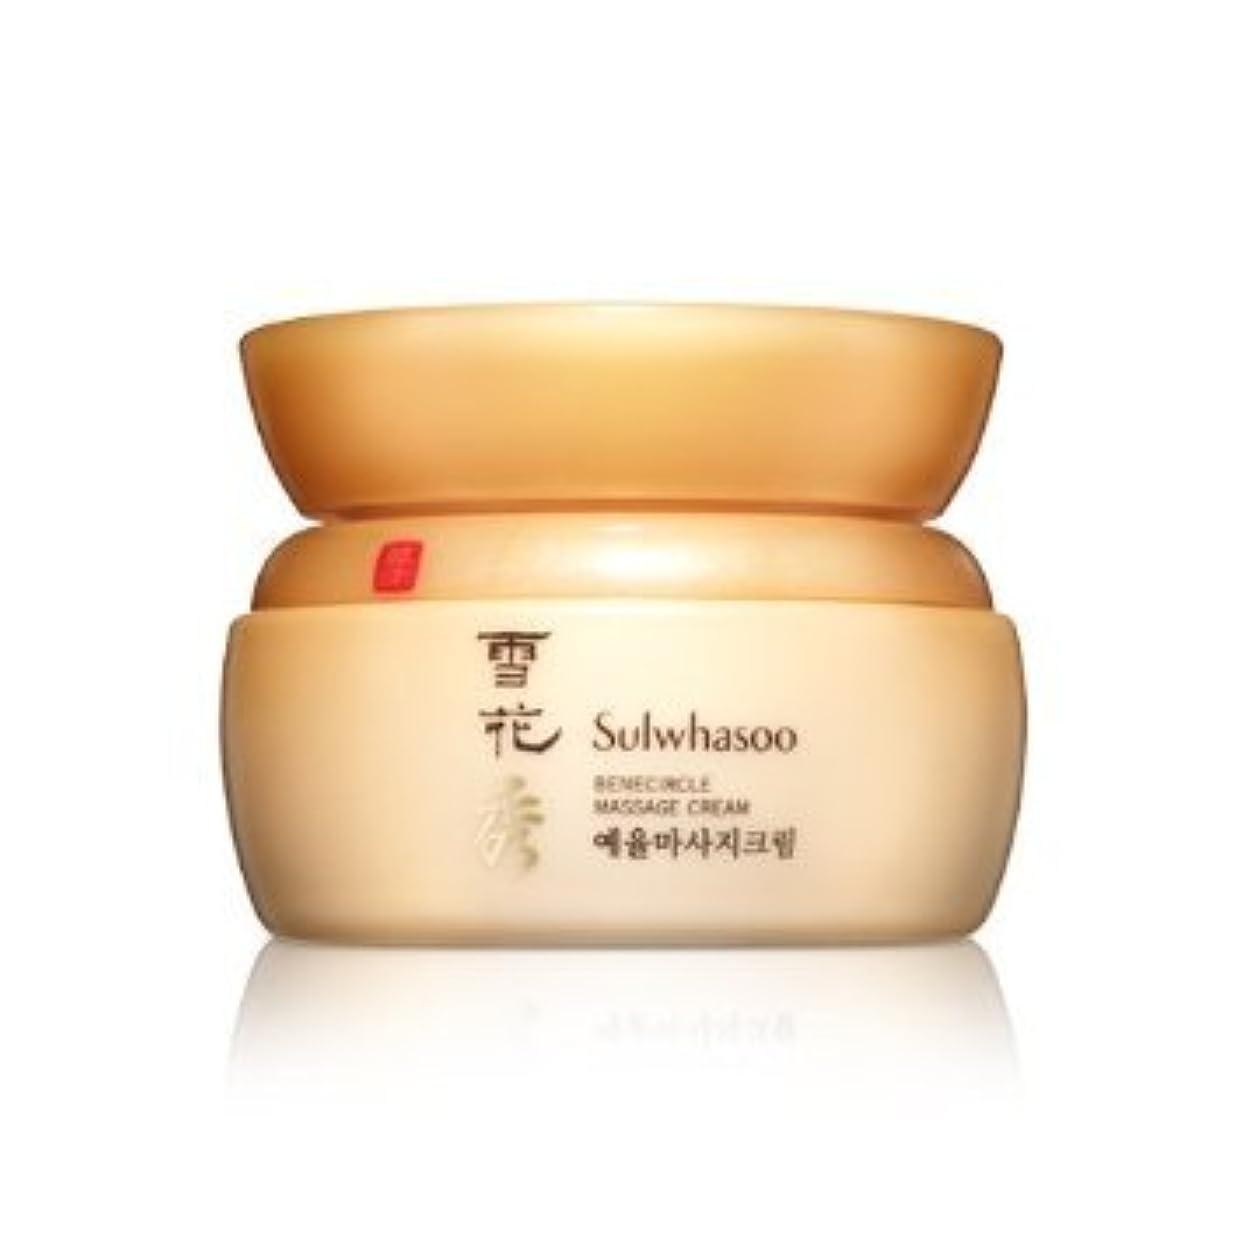 いつ罪人準備ができて[Sulwhasoo] Benecircle Massage Cream (Yae Yul Massage Cream) 180ml / FREE Gift Wrap![並行輸入品]